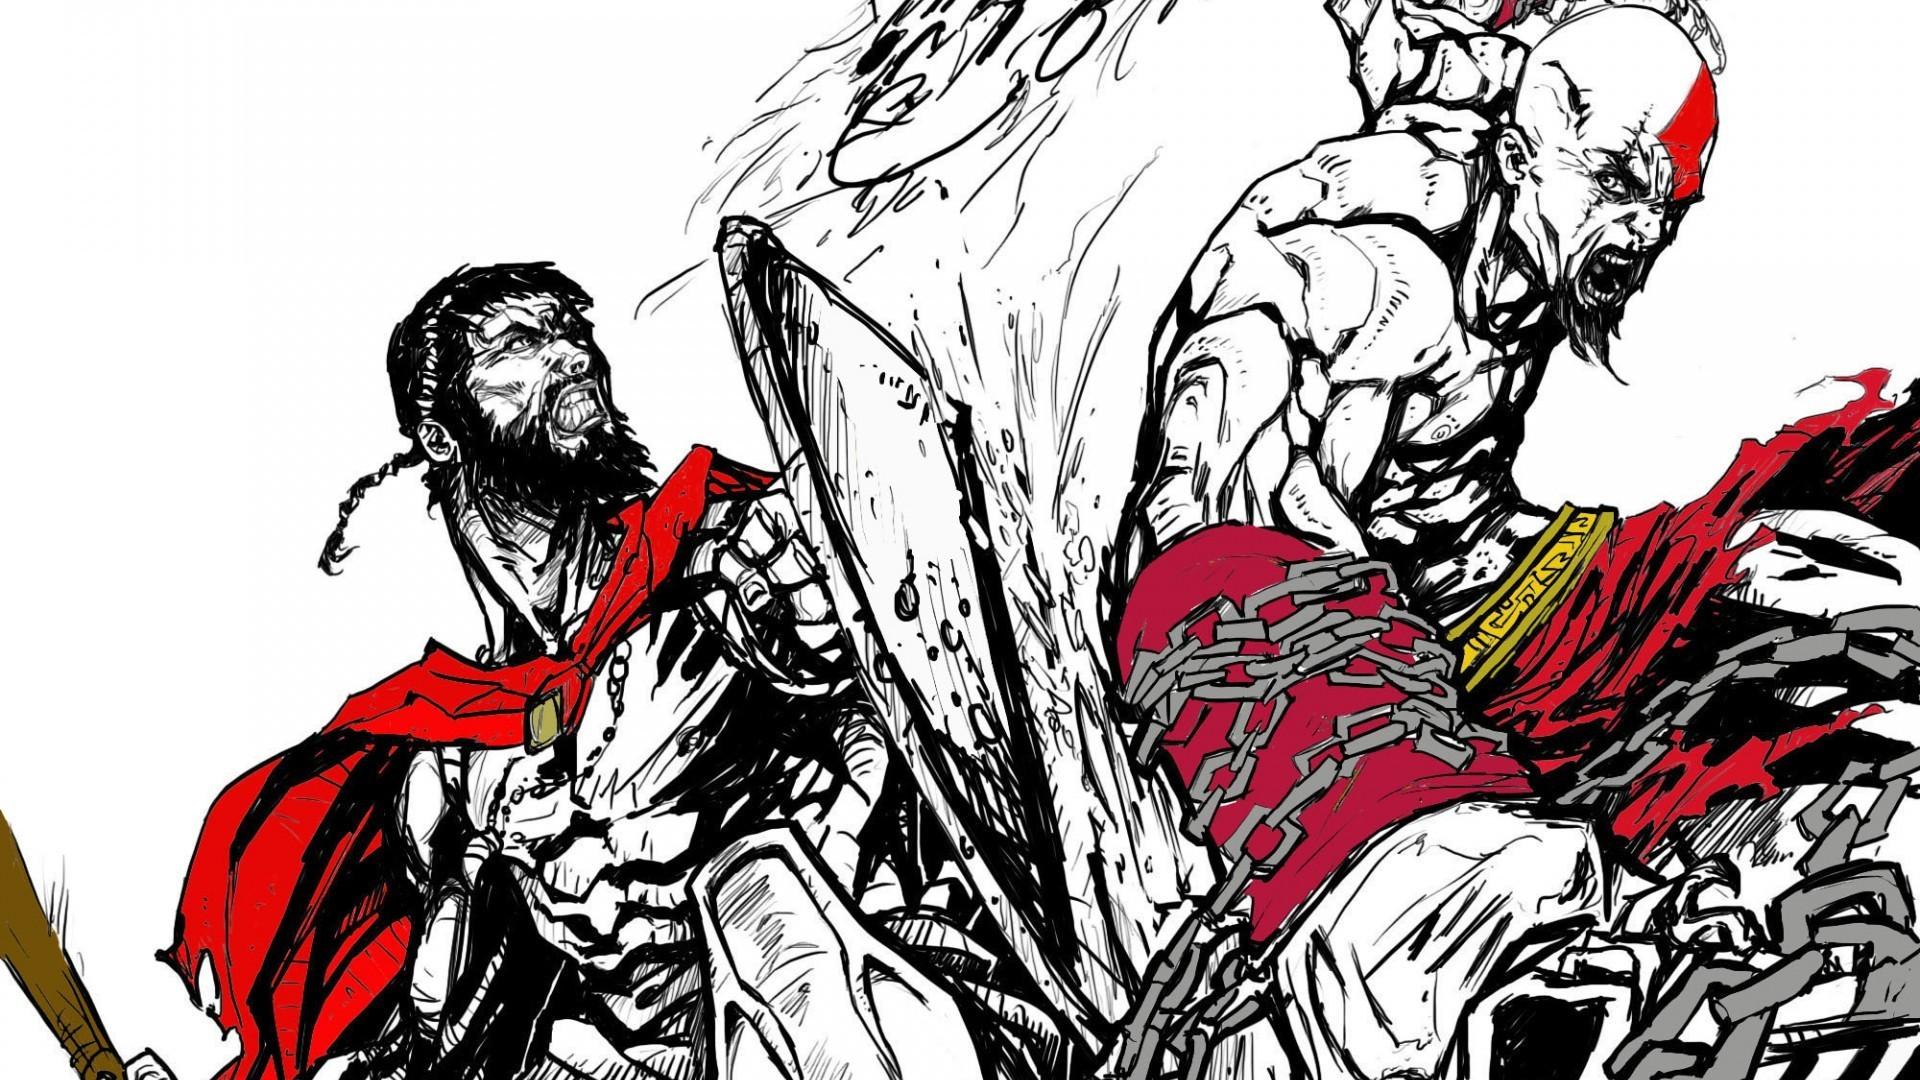 Fondos De Pantalla Dibujo Ilustración Dibujos Animados